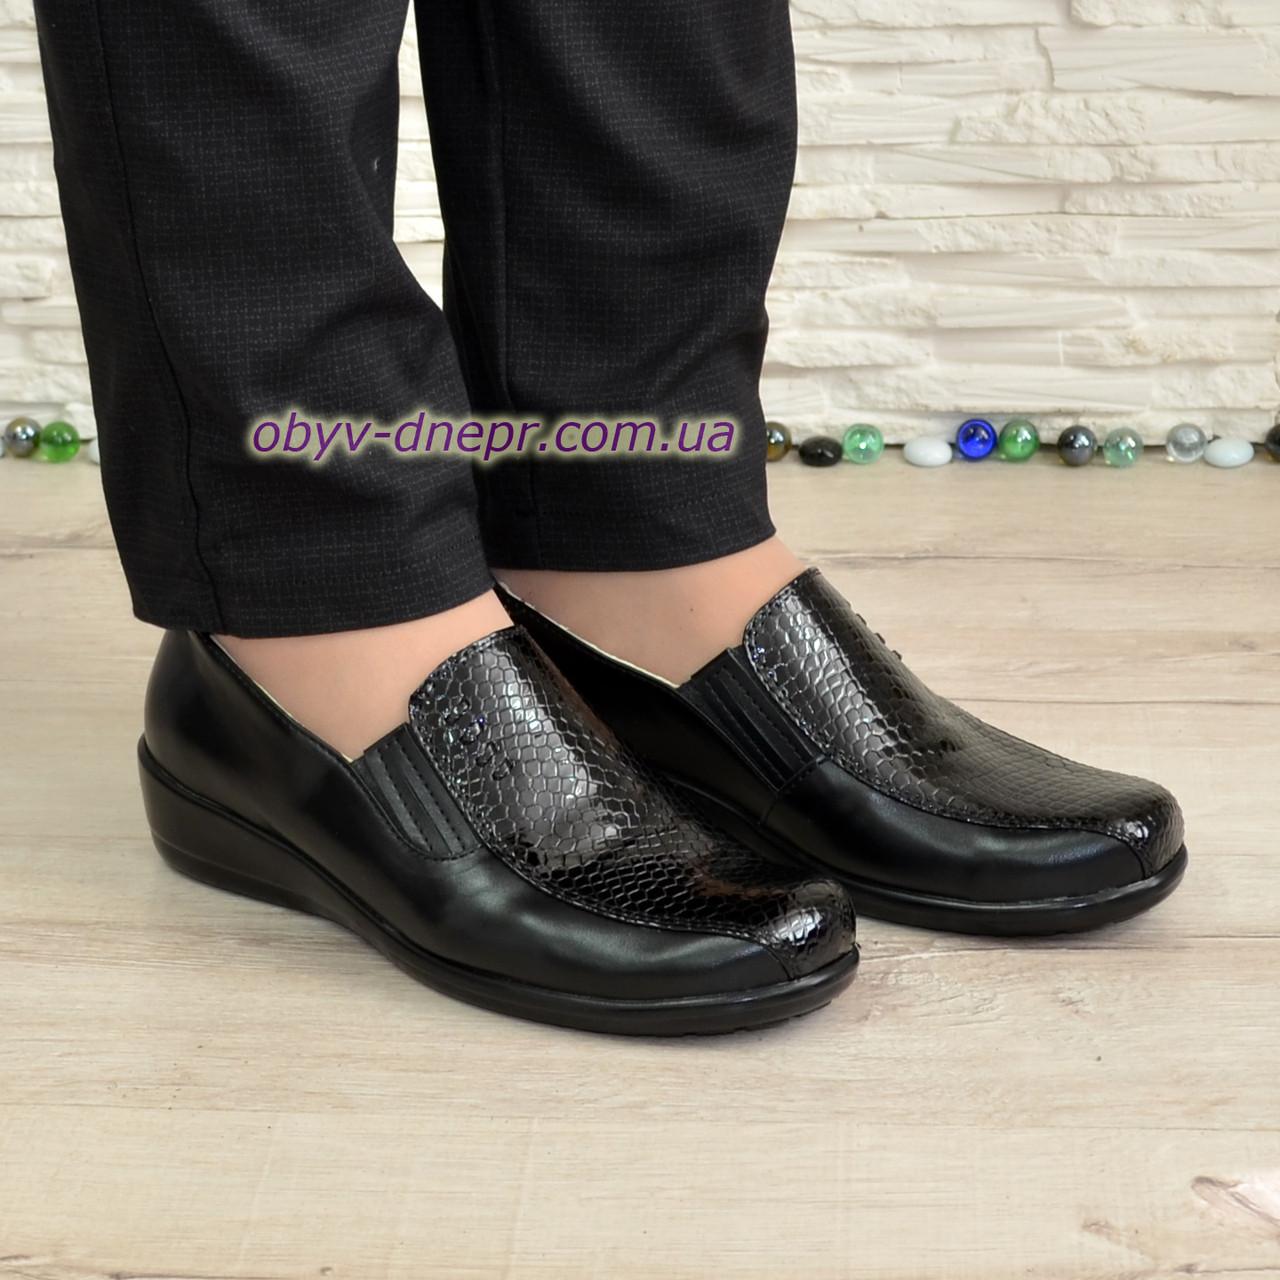 Туфли женские на утолщенной подошве, натуральная кожа